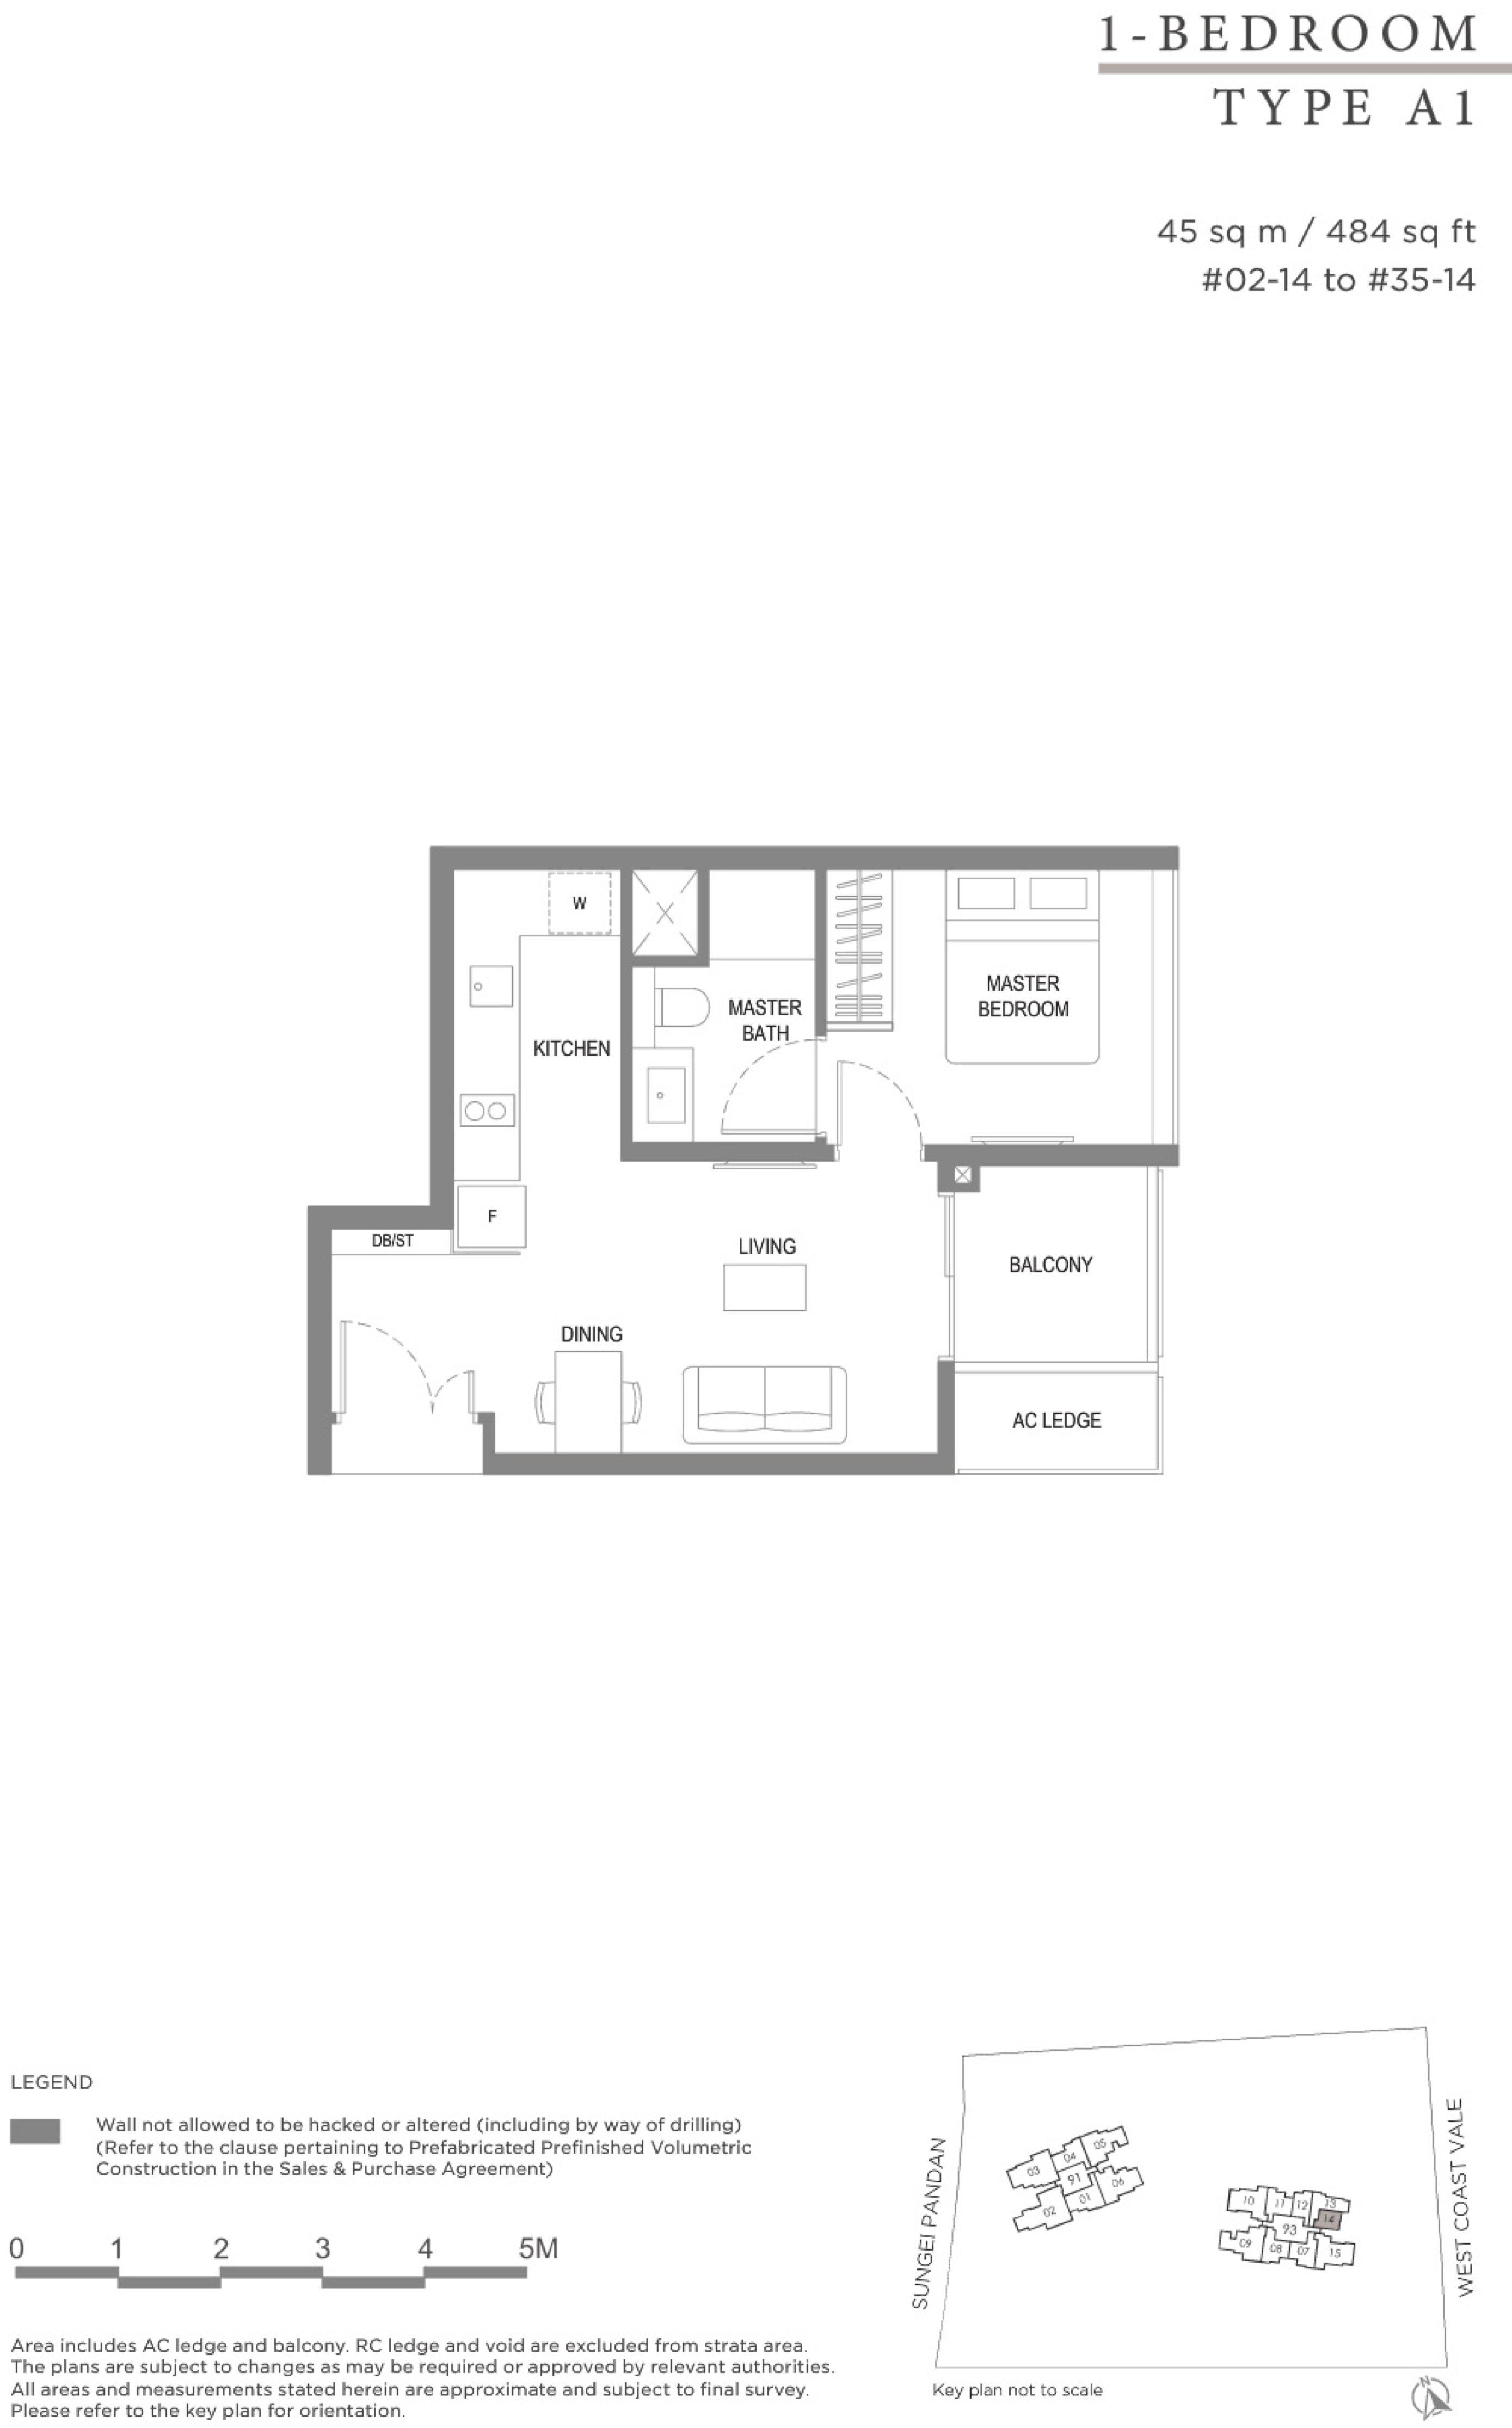 Twin VEW 1 bedroom A1 floor plan